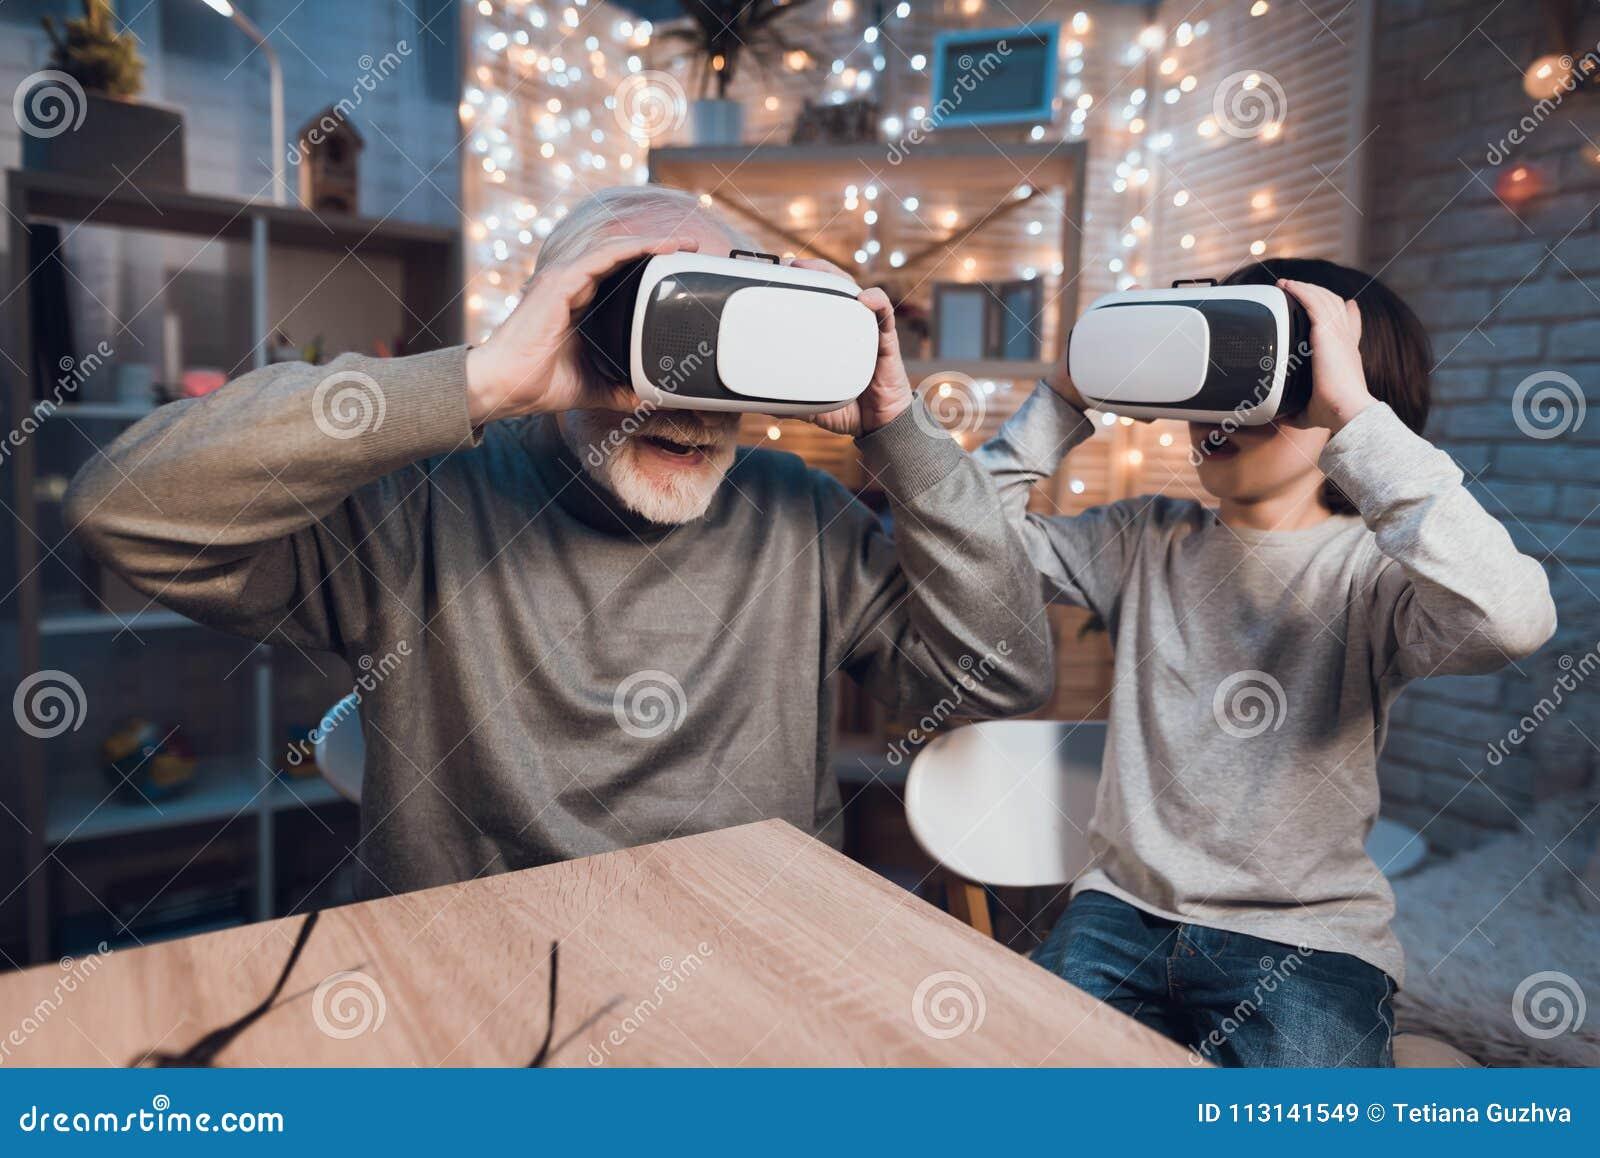 Le grand-père et le petit-fils emploient la réalité virtuelle la nuit à la maison